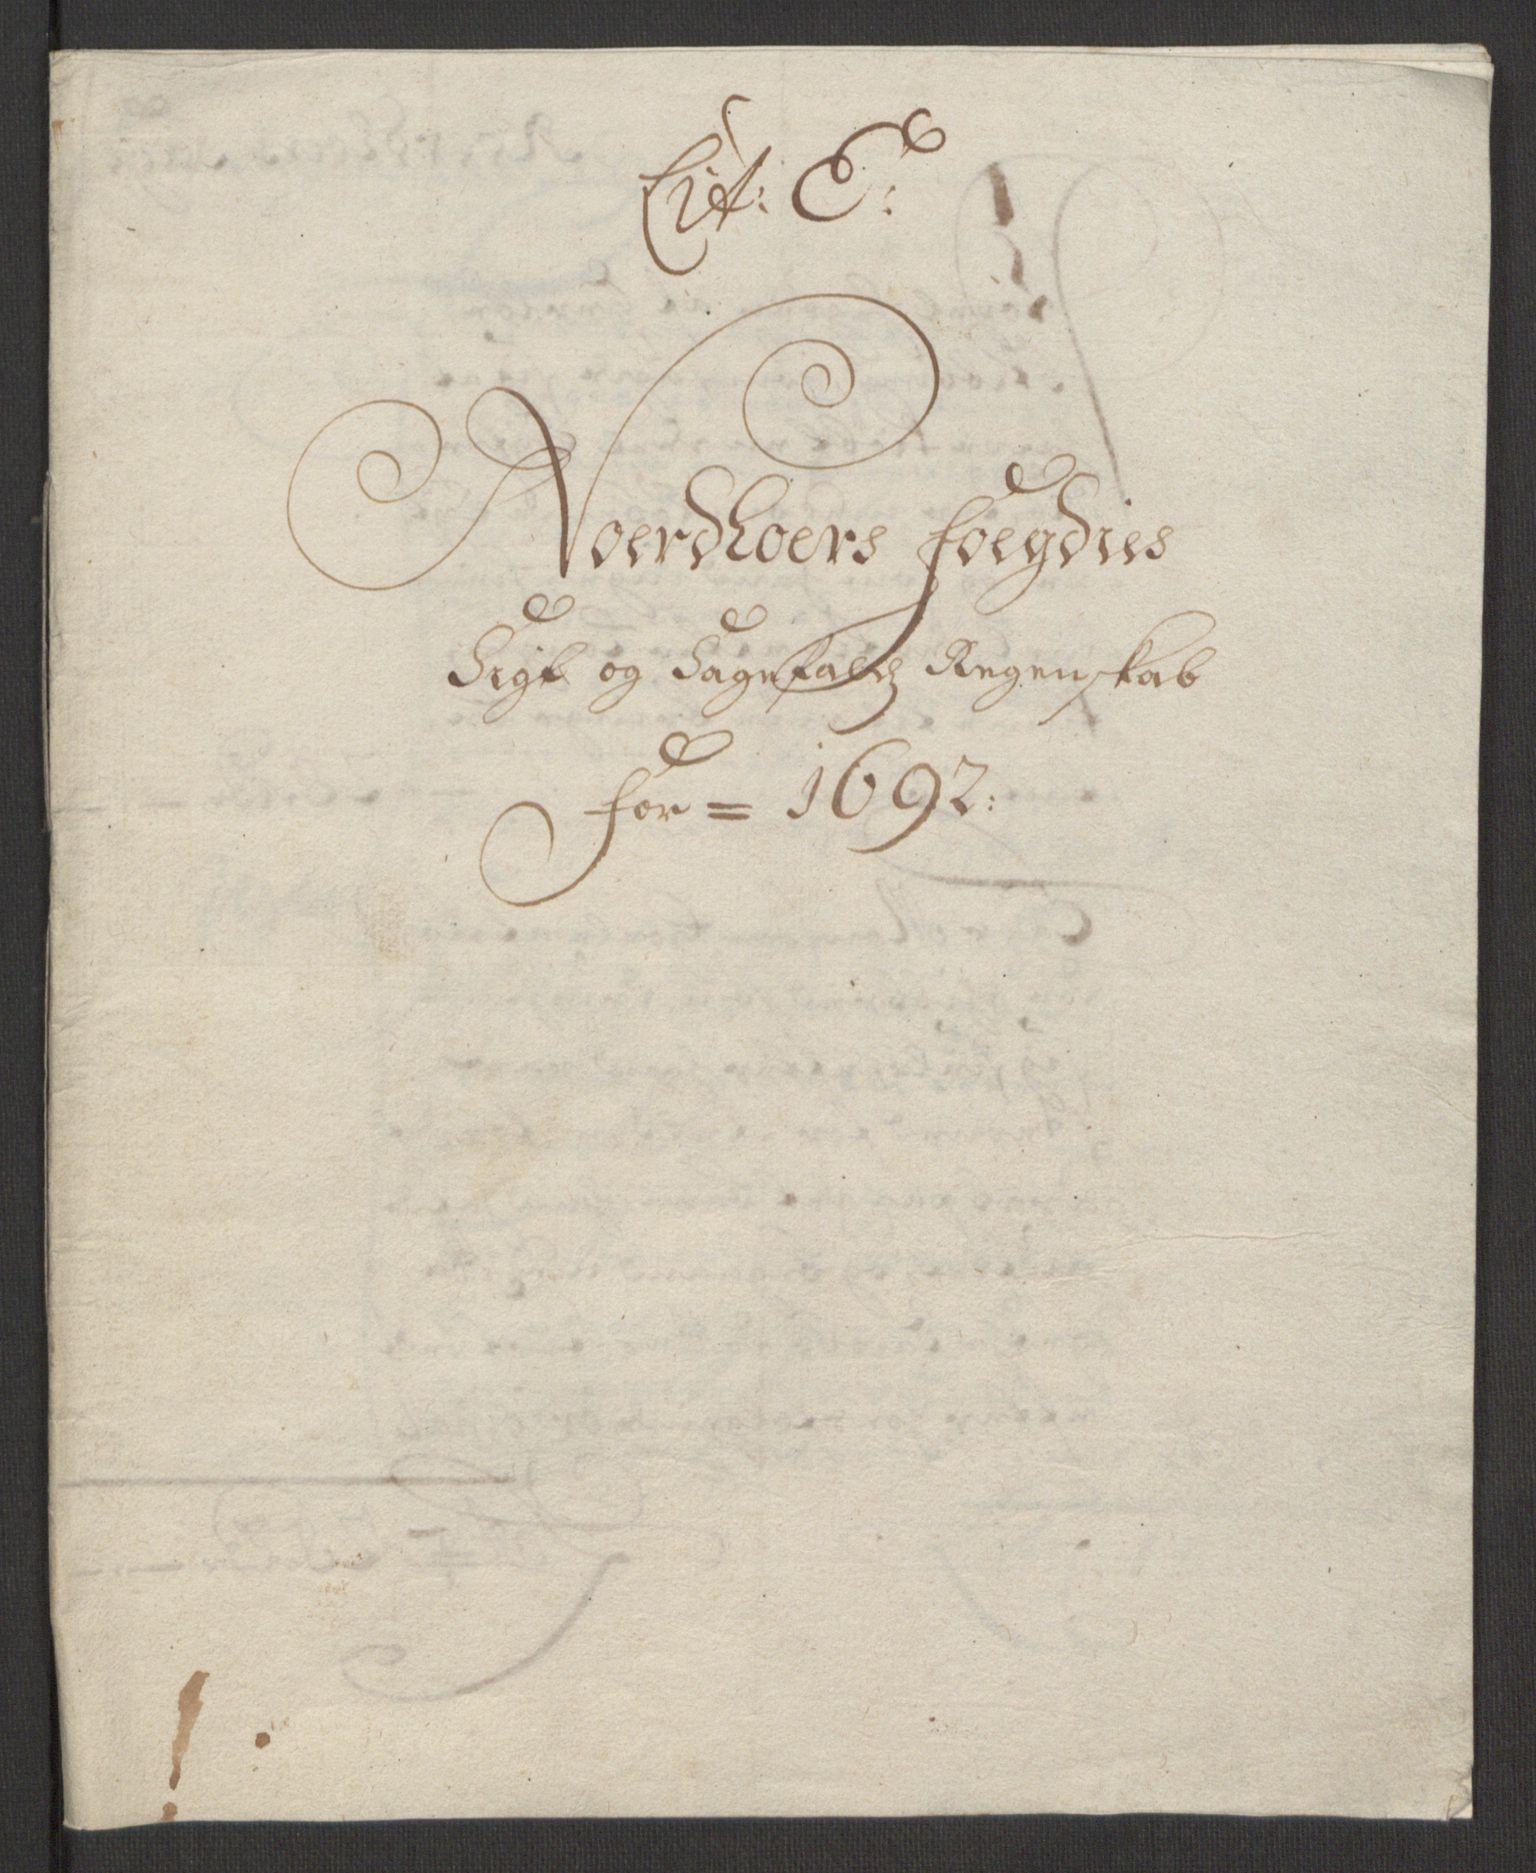 RA, Rentekammeret inntil 1814, Reviderte regnskaper, Fogderegnskap, R51/L3181: Fogderegnskap Nordhordland og Voss, 1691-1692, s. 320